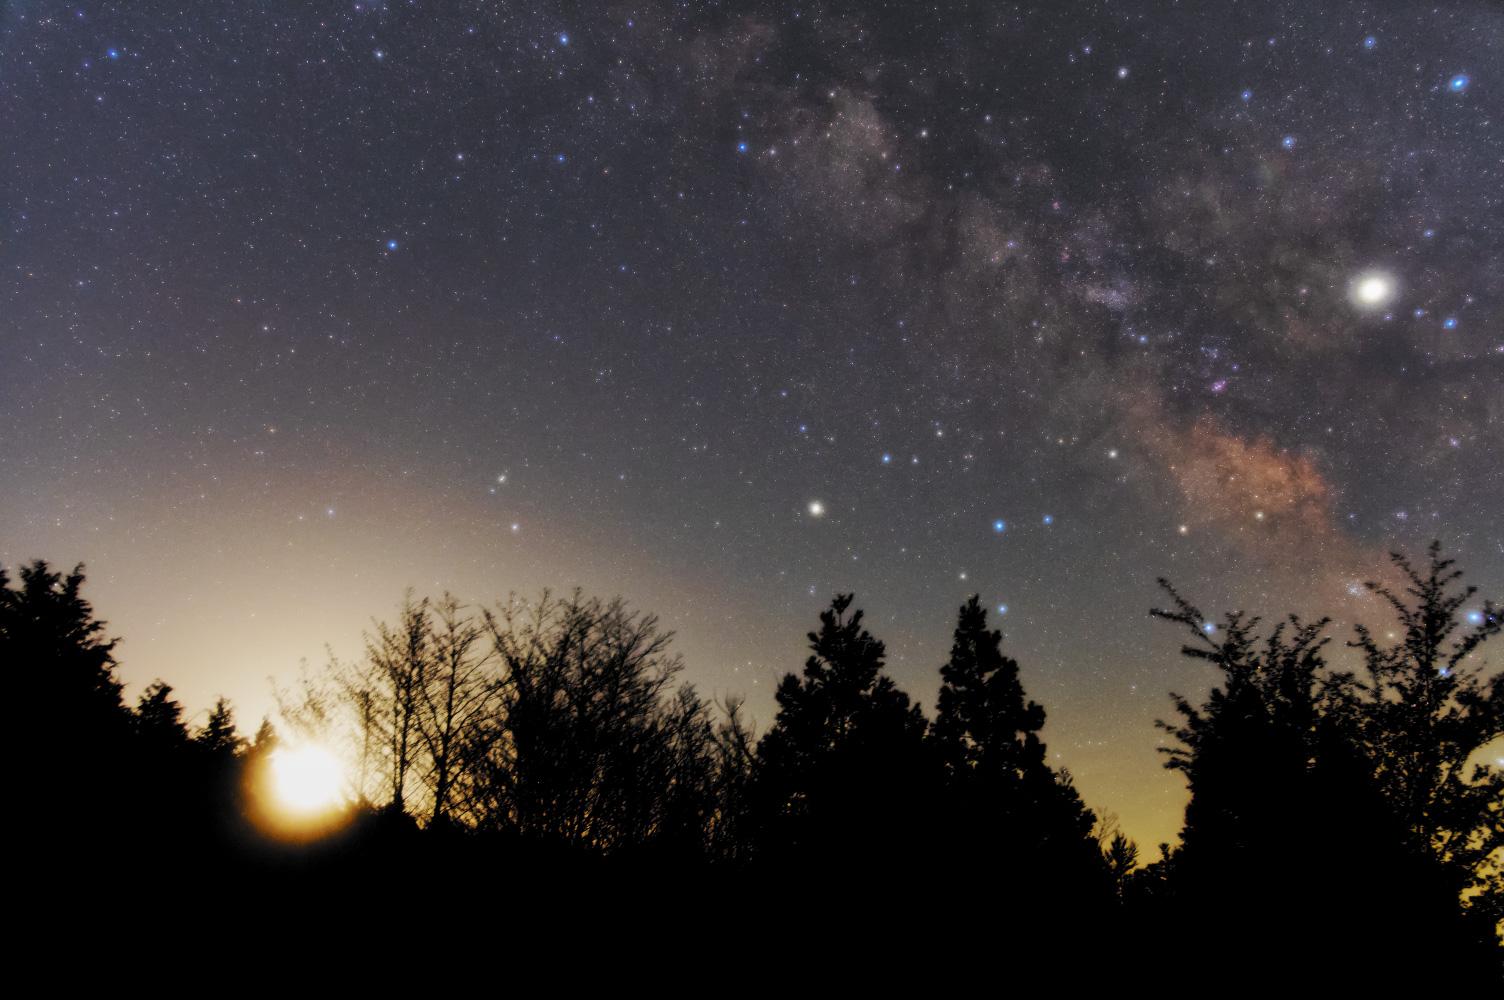 20190427-galaxy-moon